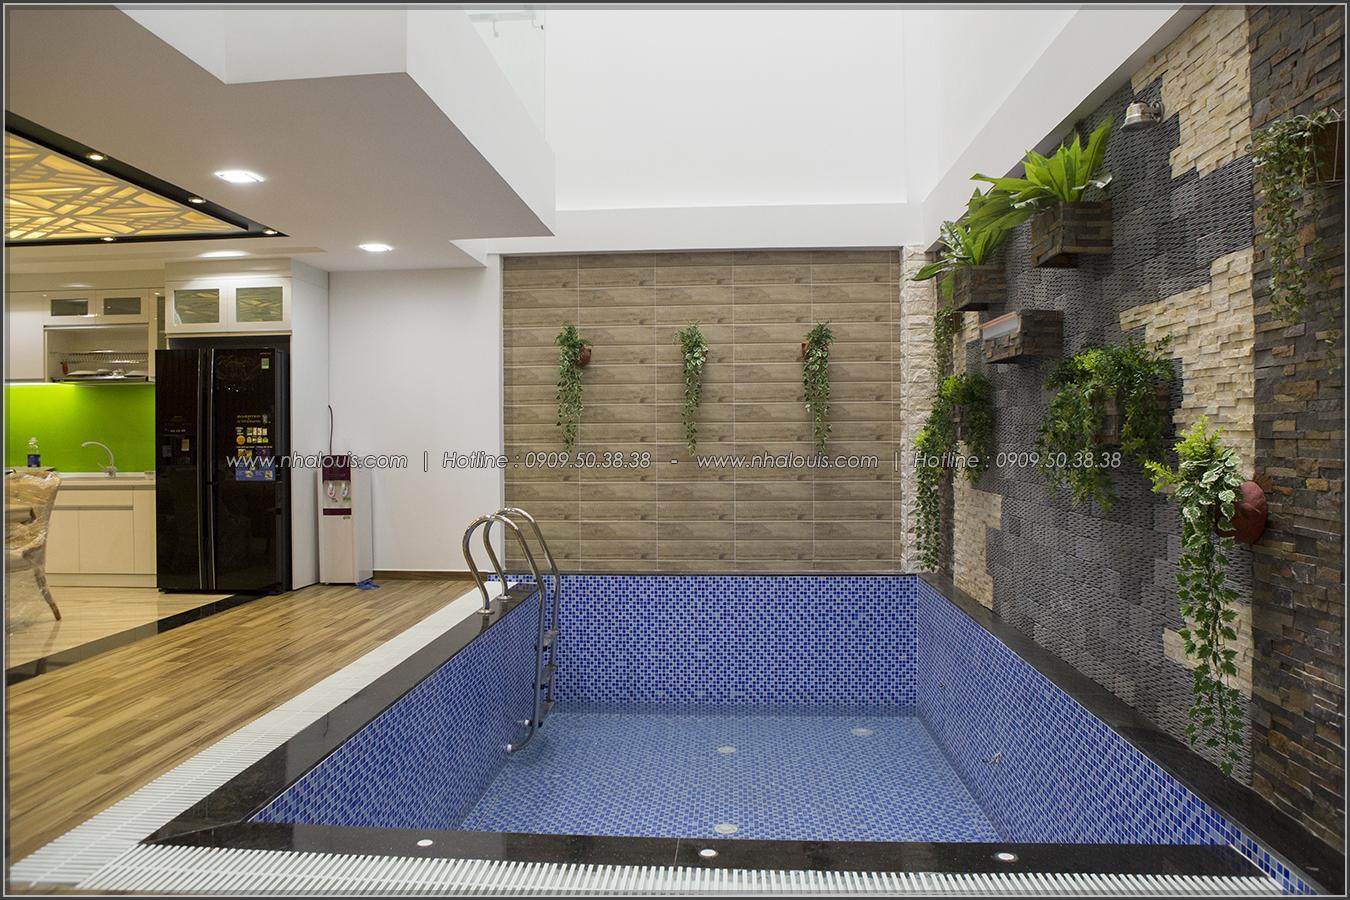 Kinh nghiệm chống thấm bể bơi biệt thự 4 mặt tiền đẹp bạn không nên bỏ qua